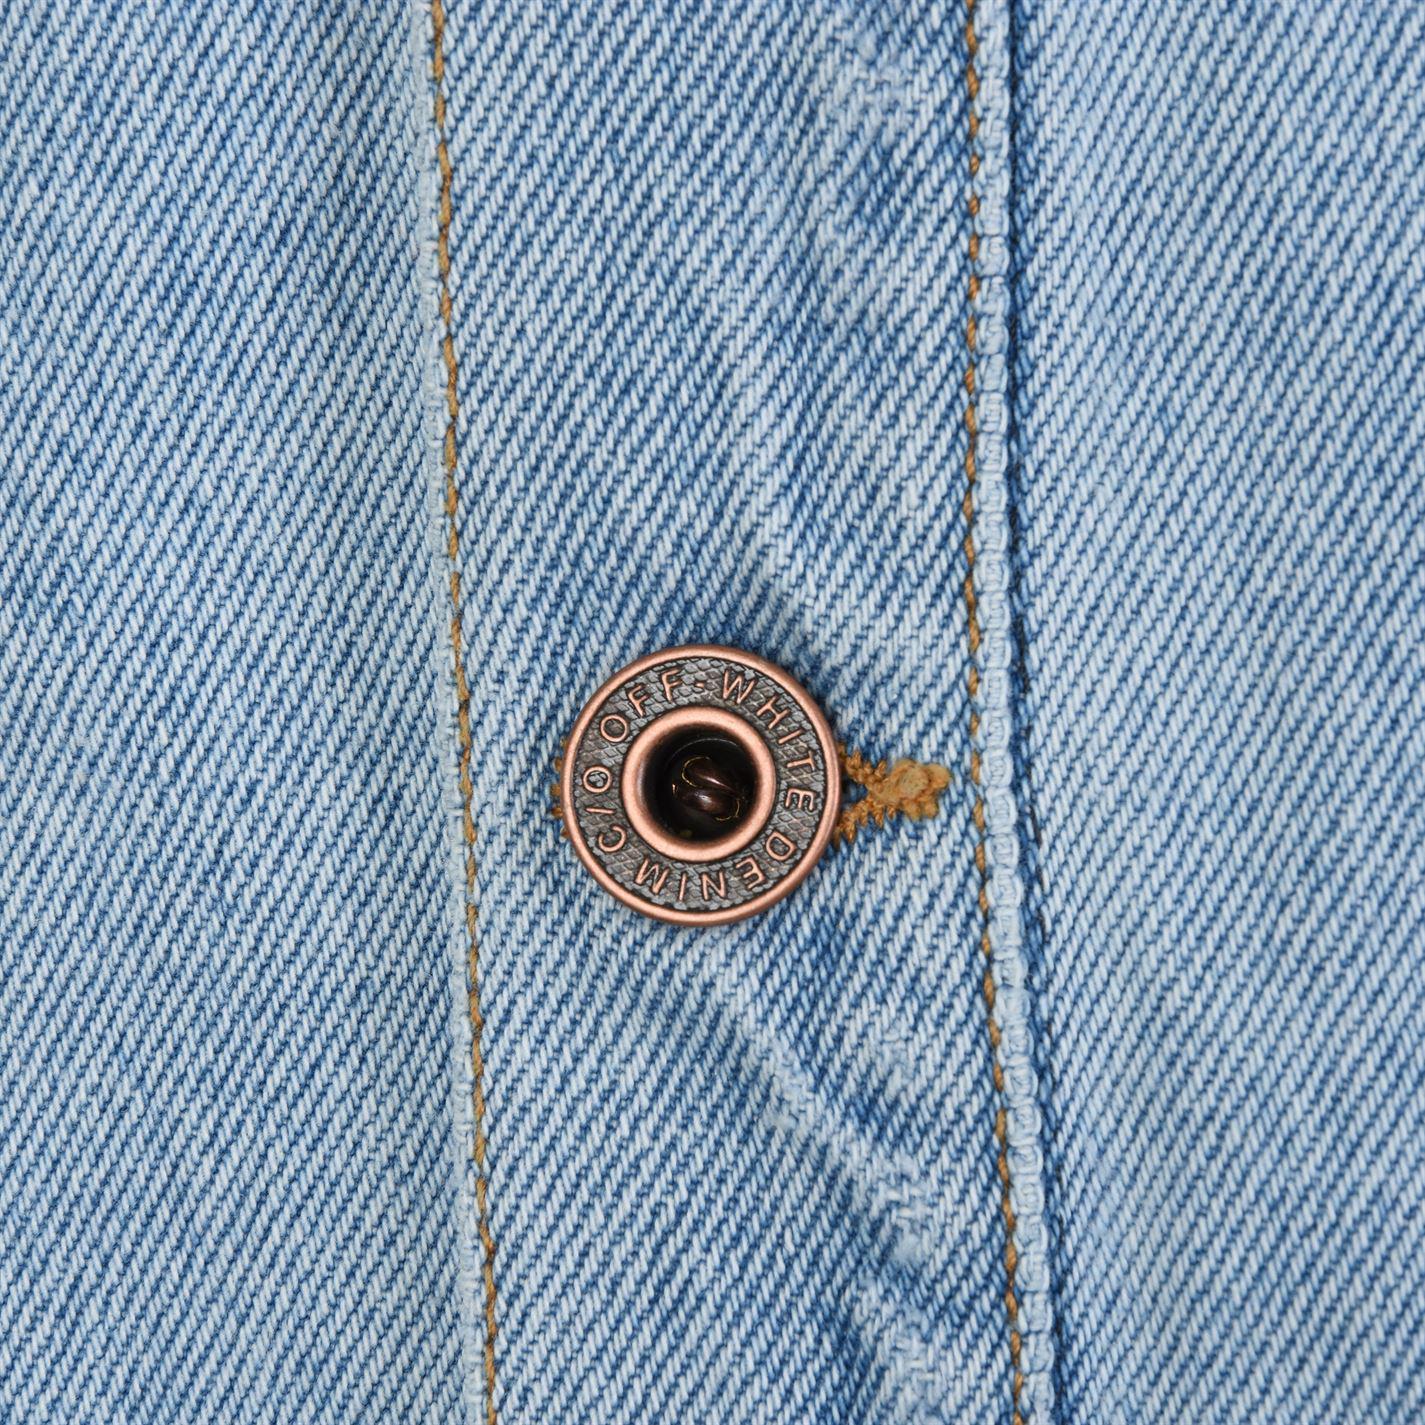 Off-White c/o Virgil Abloh Temperature Denim Shirt in Bleach White (Blue) for Men